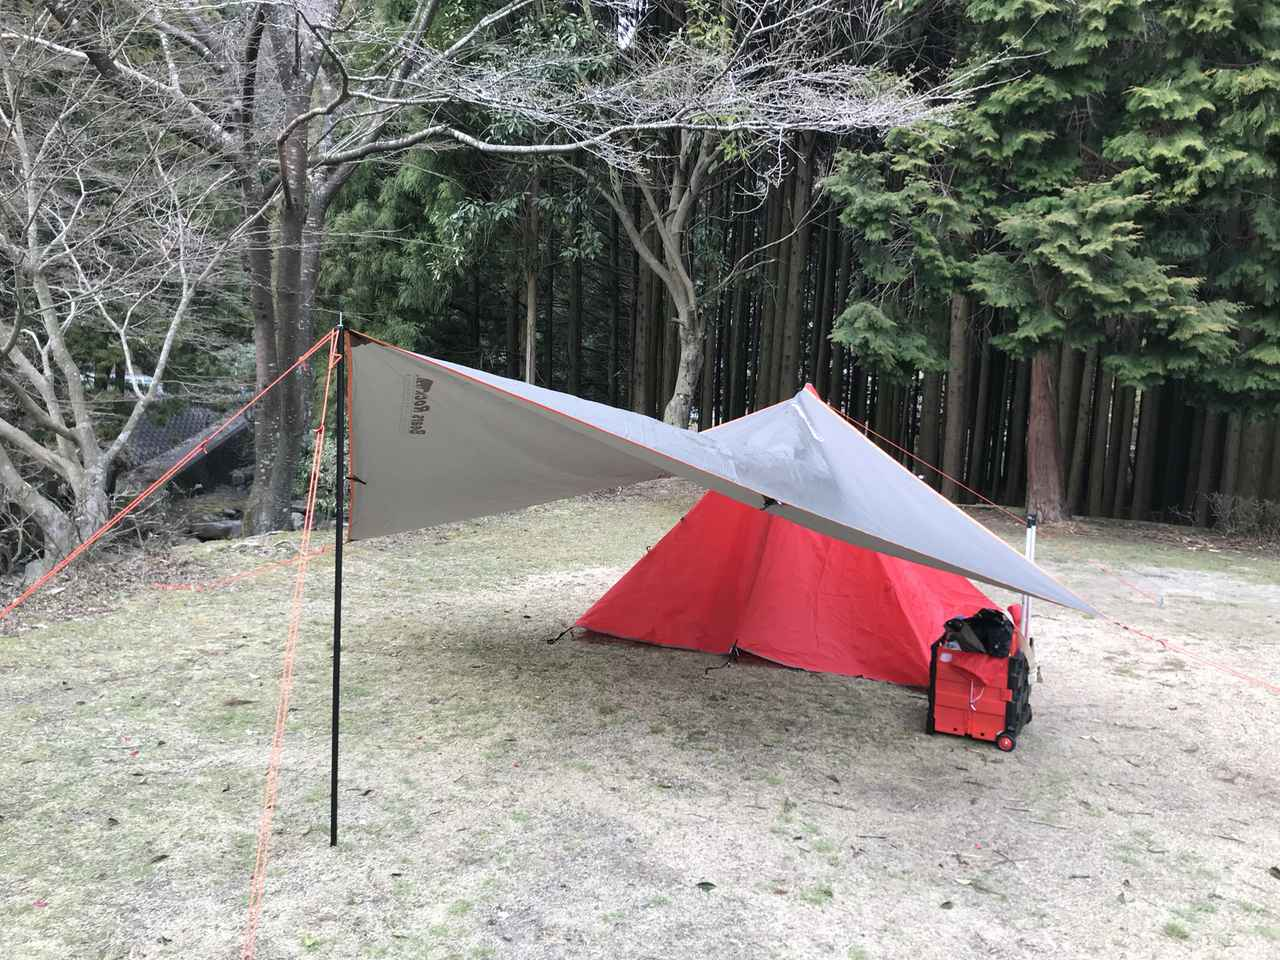 画像: ミニタープは簡単設営でソロキャンプやバイクツーリングで大活躍! 軽量&コンパクトで持ち運びに便利